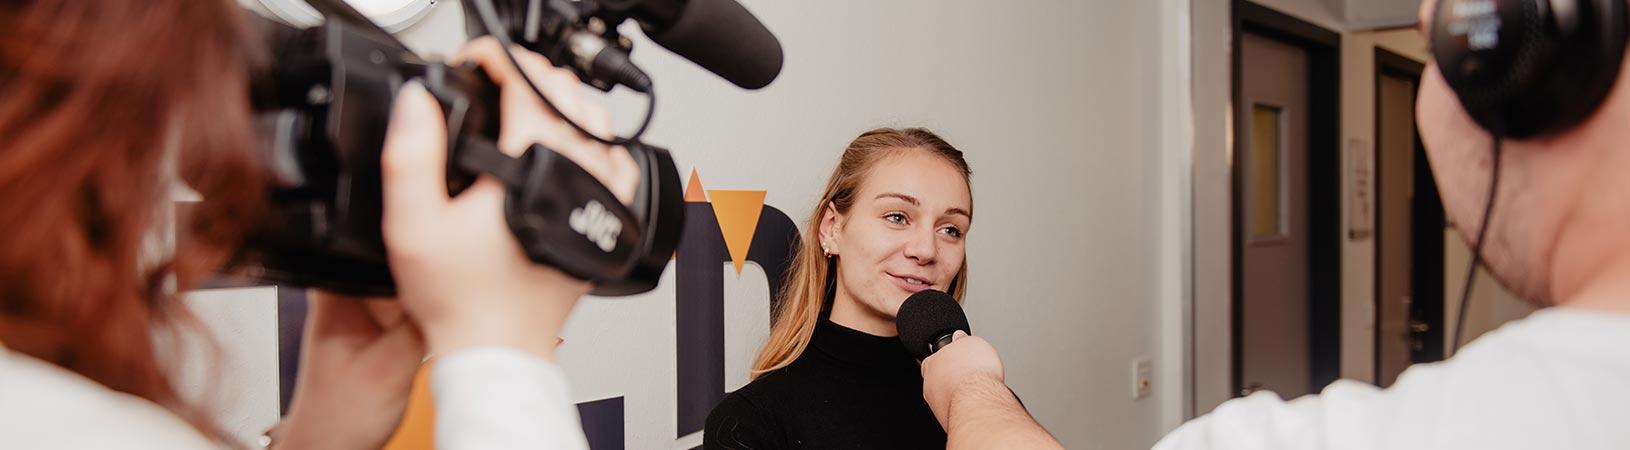 Fiche métier journaliste reporter d'images, ISCPA Ecole de journalisme